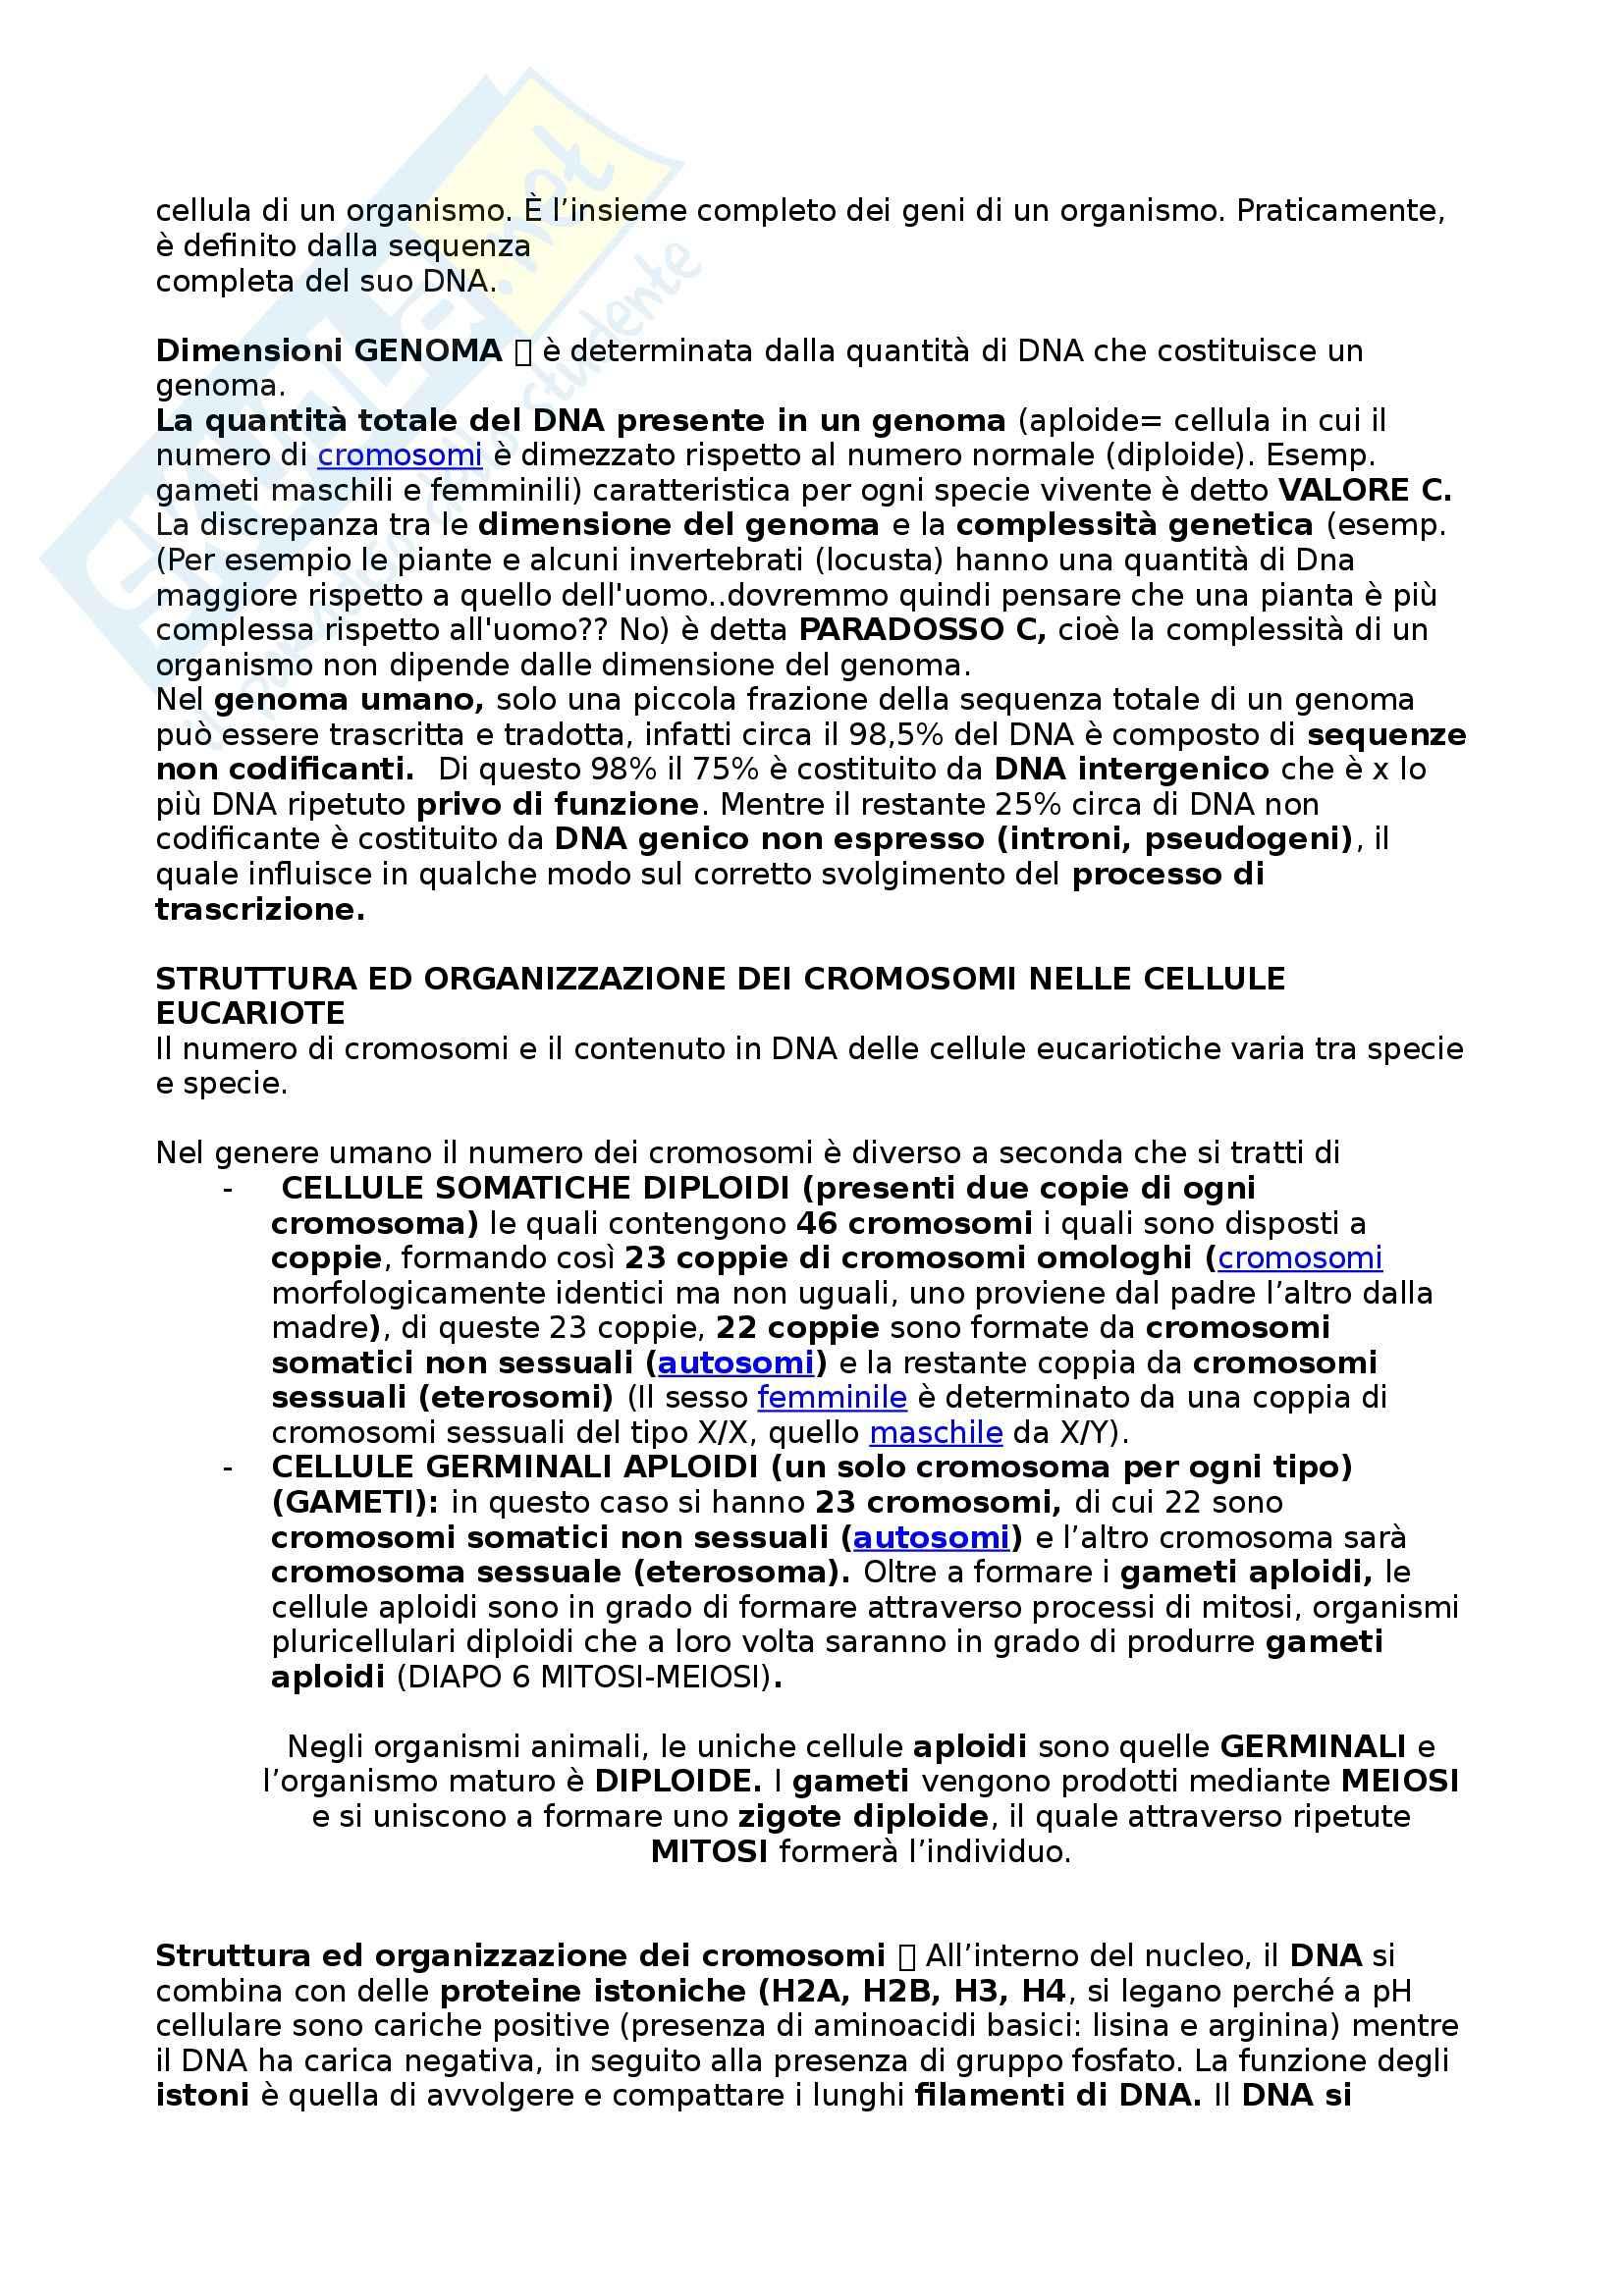 Riassunto esame Biologia umana, prof. Barbieri, libro consigliato La cellula, edizioni Zanichelli Pag. 36